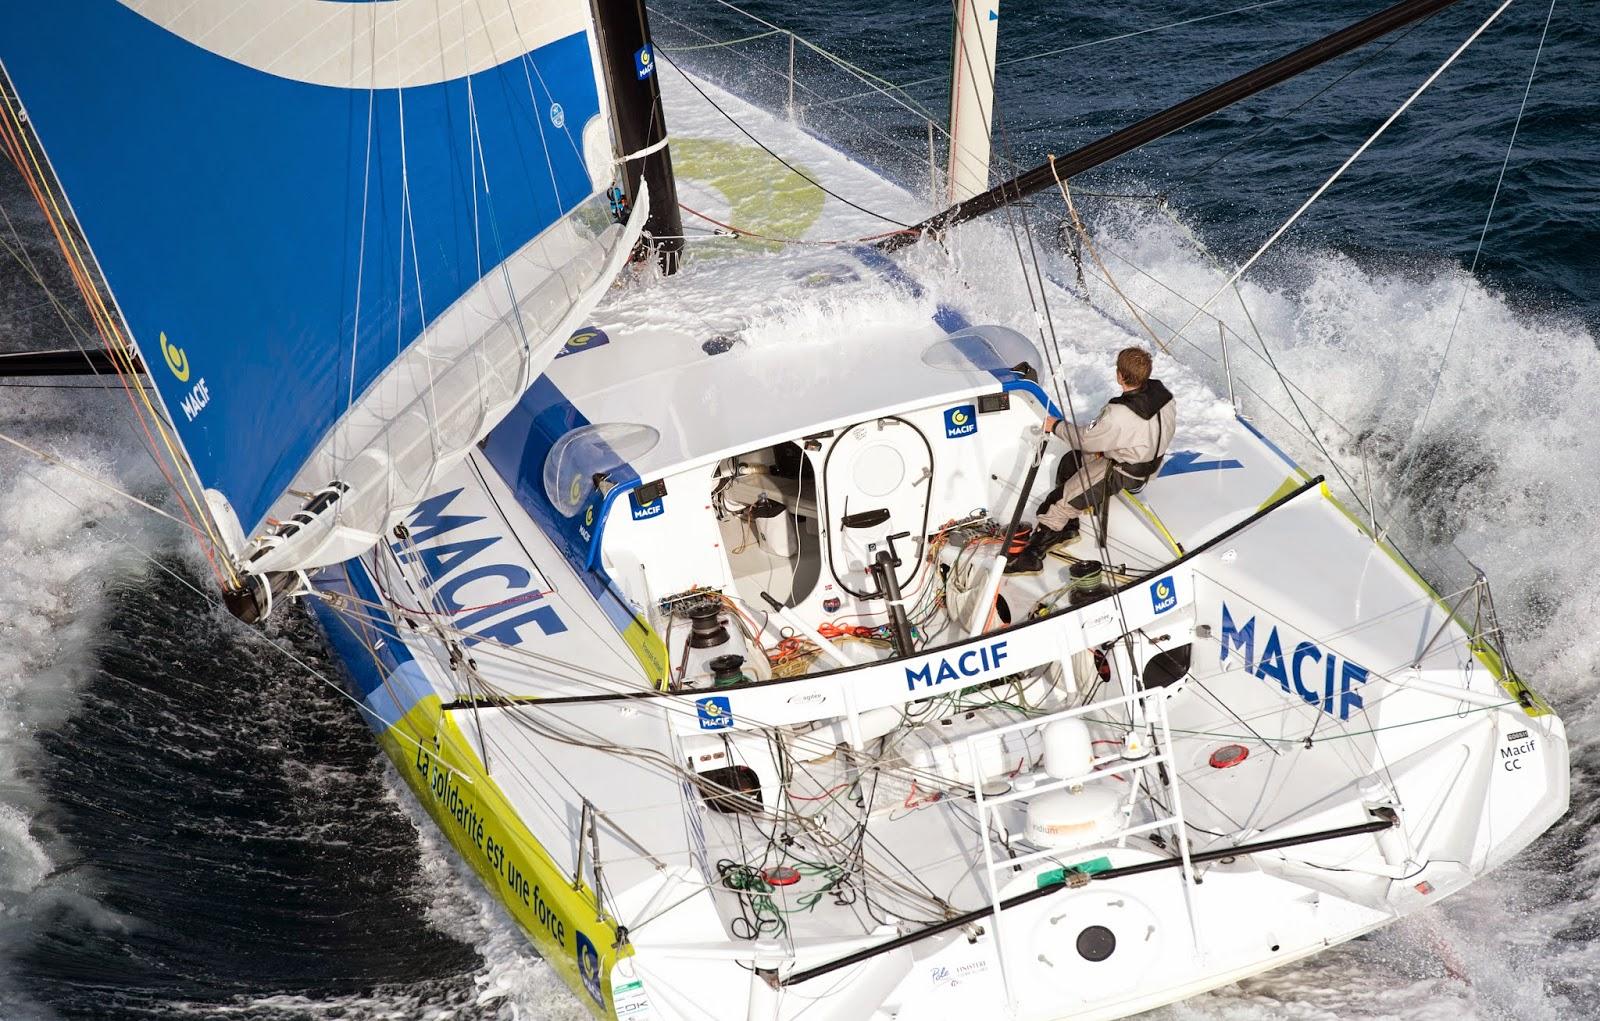 François Gabart et Macif rêvent d'accrocher la Route du Rhum.